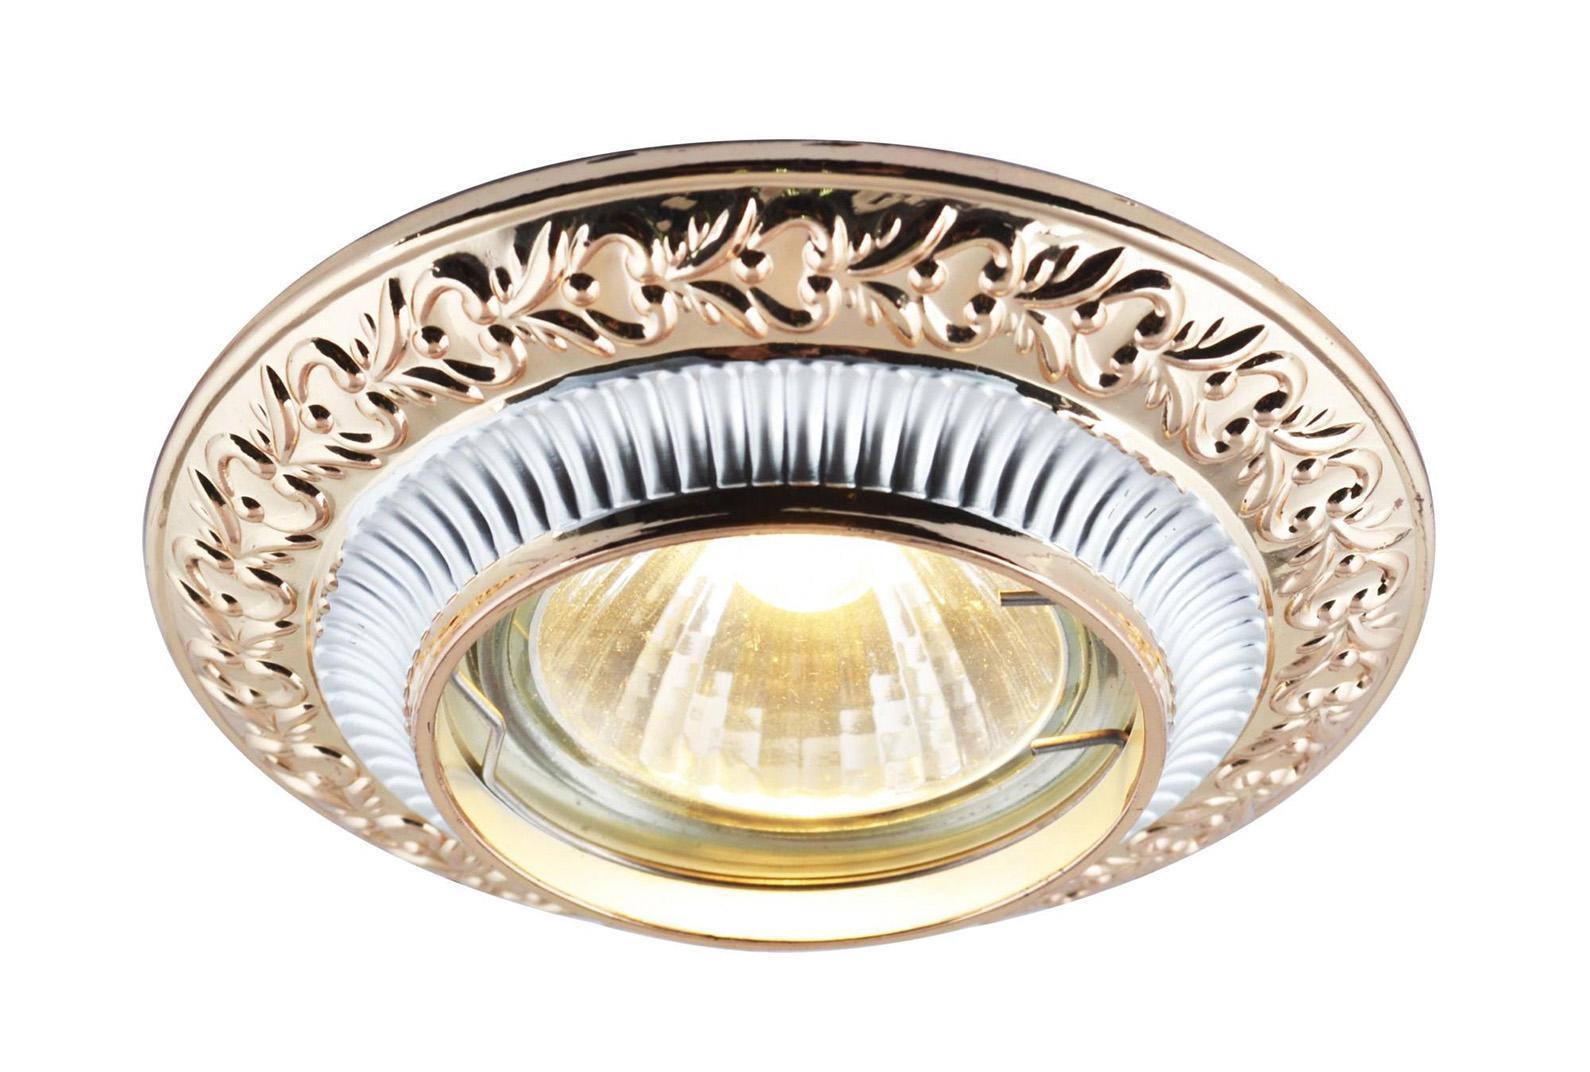 A5280PL-1SG OCCHIO Встраиваемый светильникA5280PL-1SG1x50W; патроны GU10 и G5,3 в комплекте Материал: Арматура: Металл, литьеРазмер: 100x100x45Цвет: Матовое золото